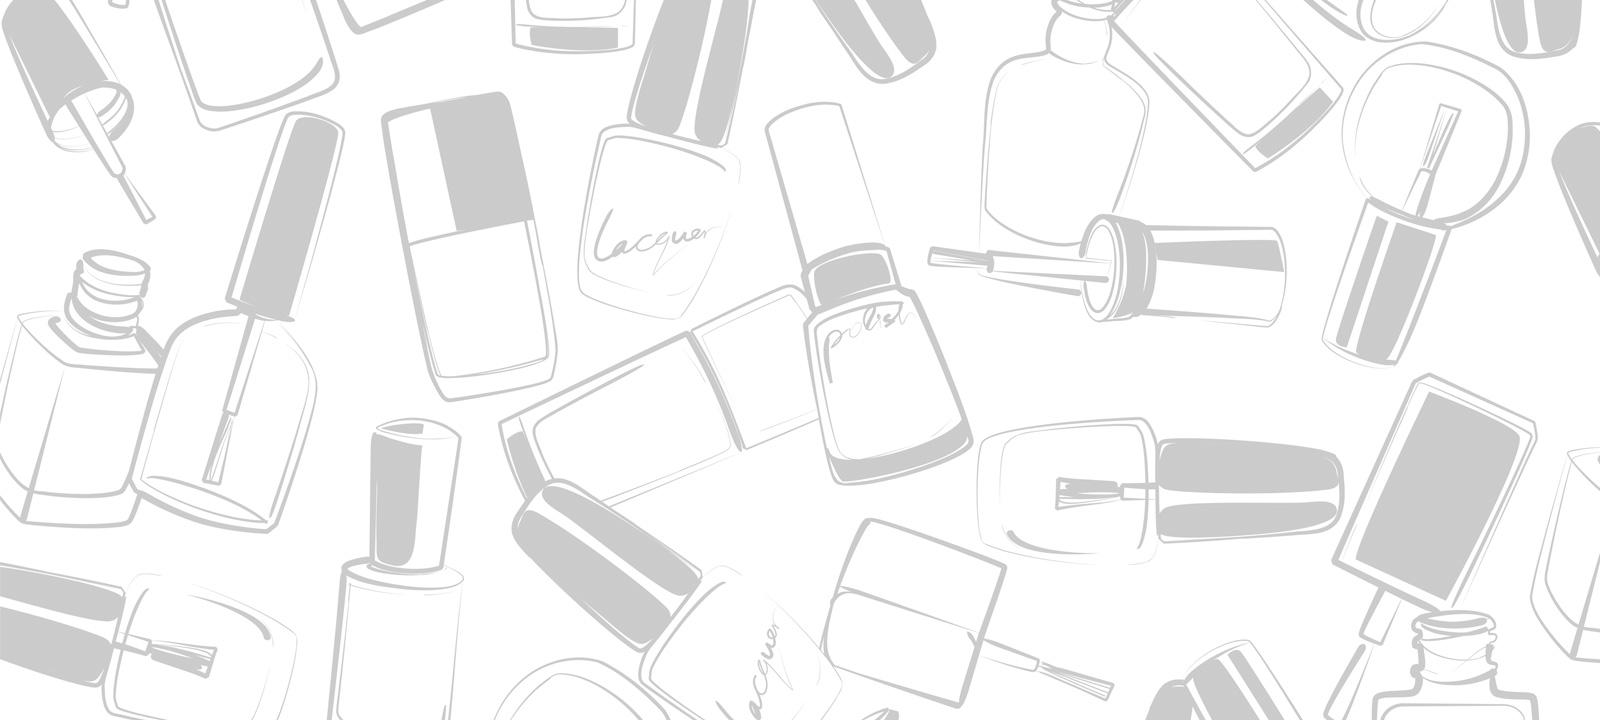 Nails Wallpaper - WallpaperSafari